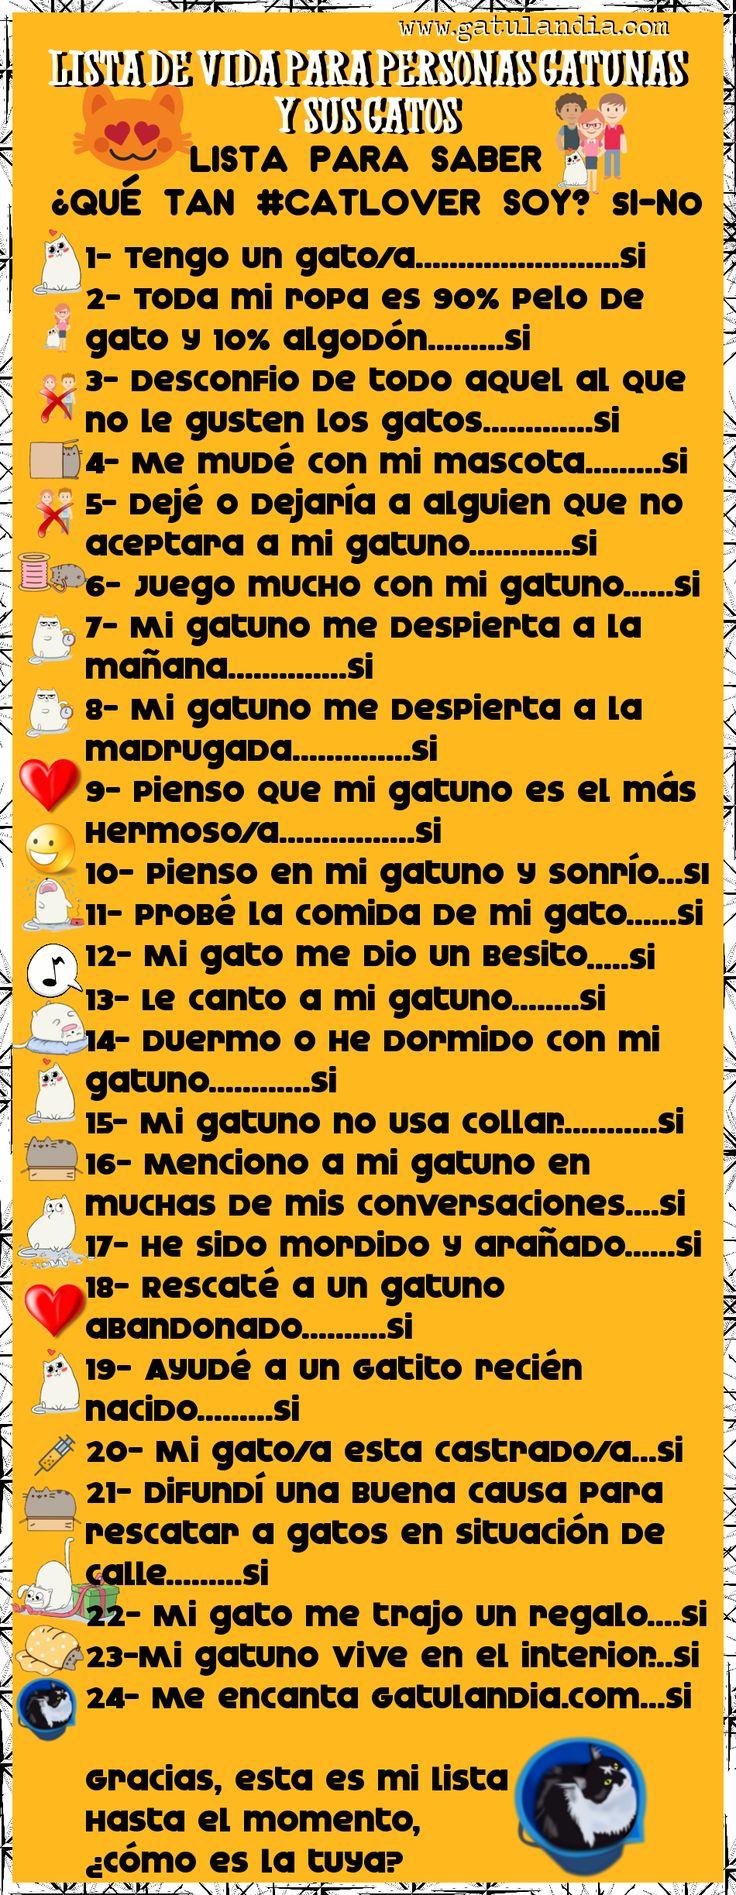 Lista Para #Personas 😻 #Gatunas y sus #Gatos <3 ¿Qué tan #CatLover eres?🤔 Responde y descúbrelo! :D (y)